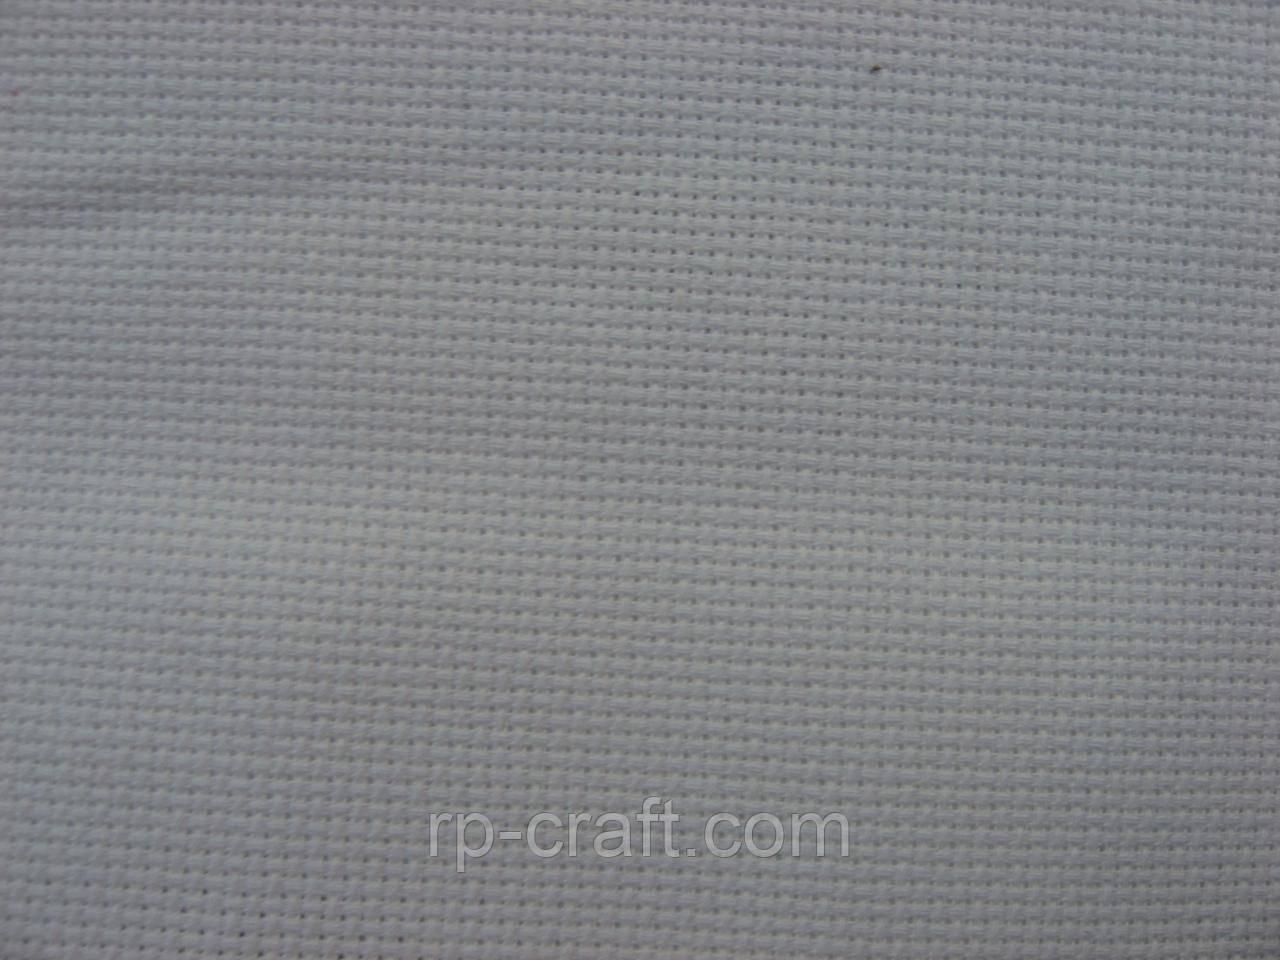 Отрез ткани для вышивки. Аида 18, белая, 35х38 см